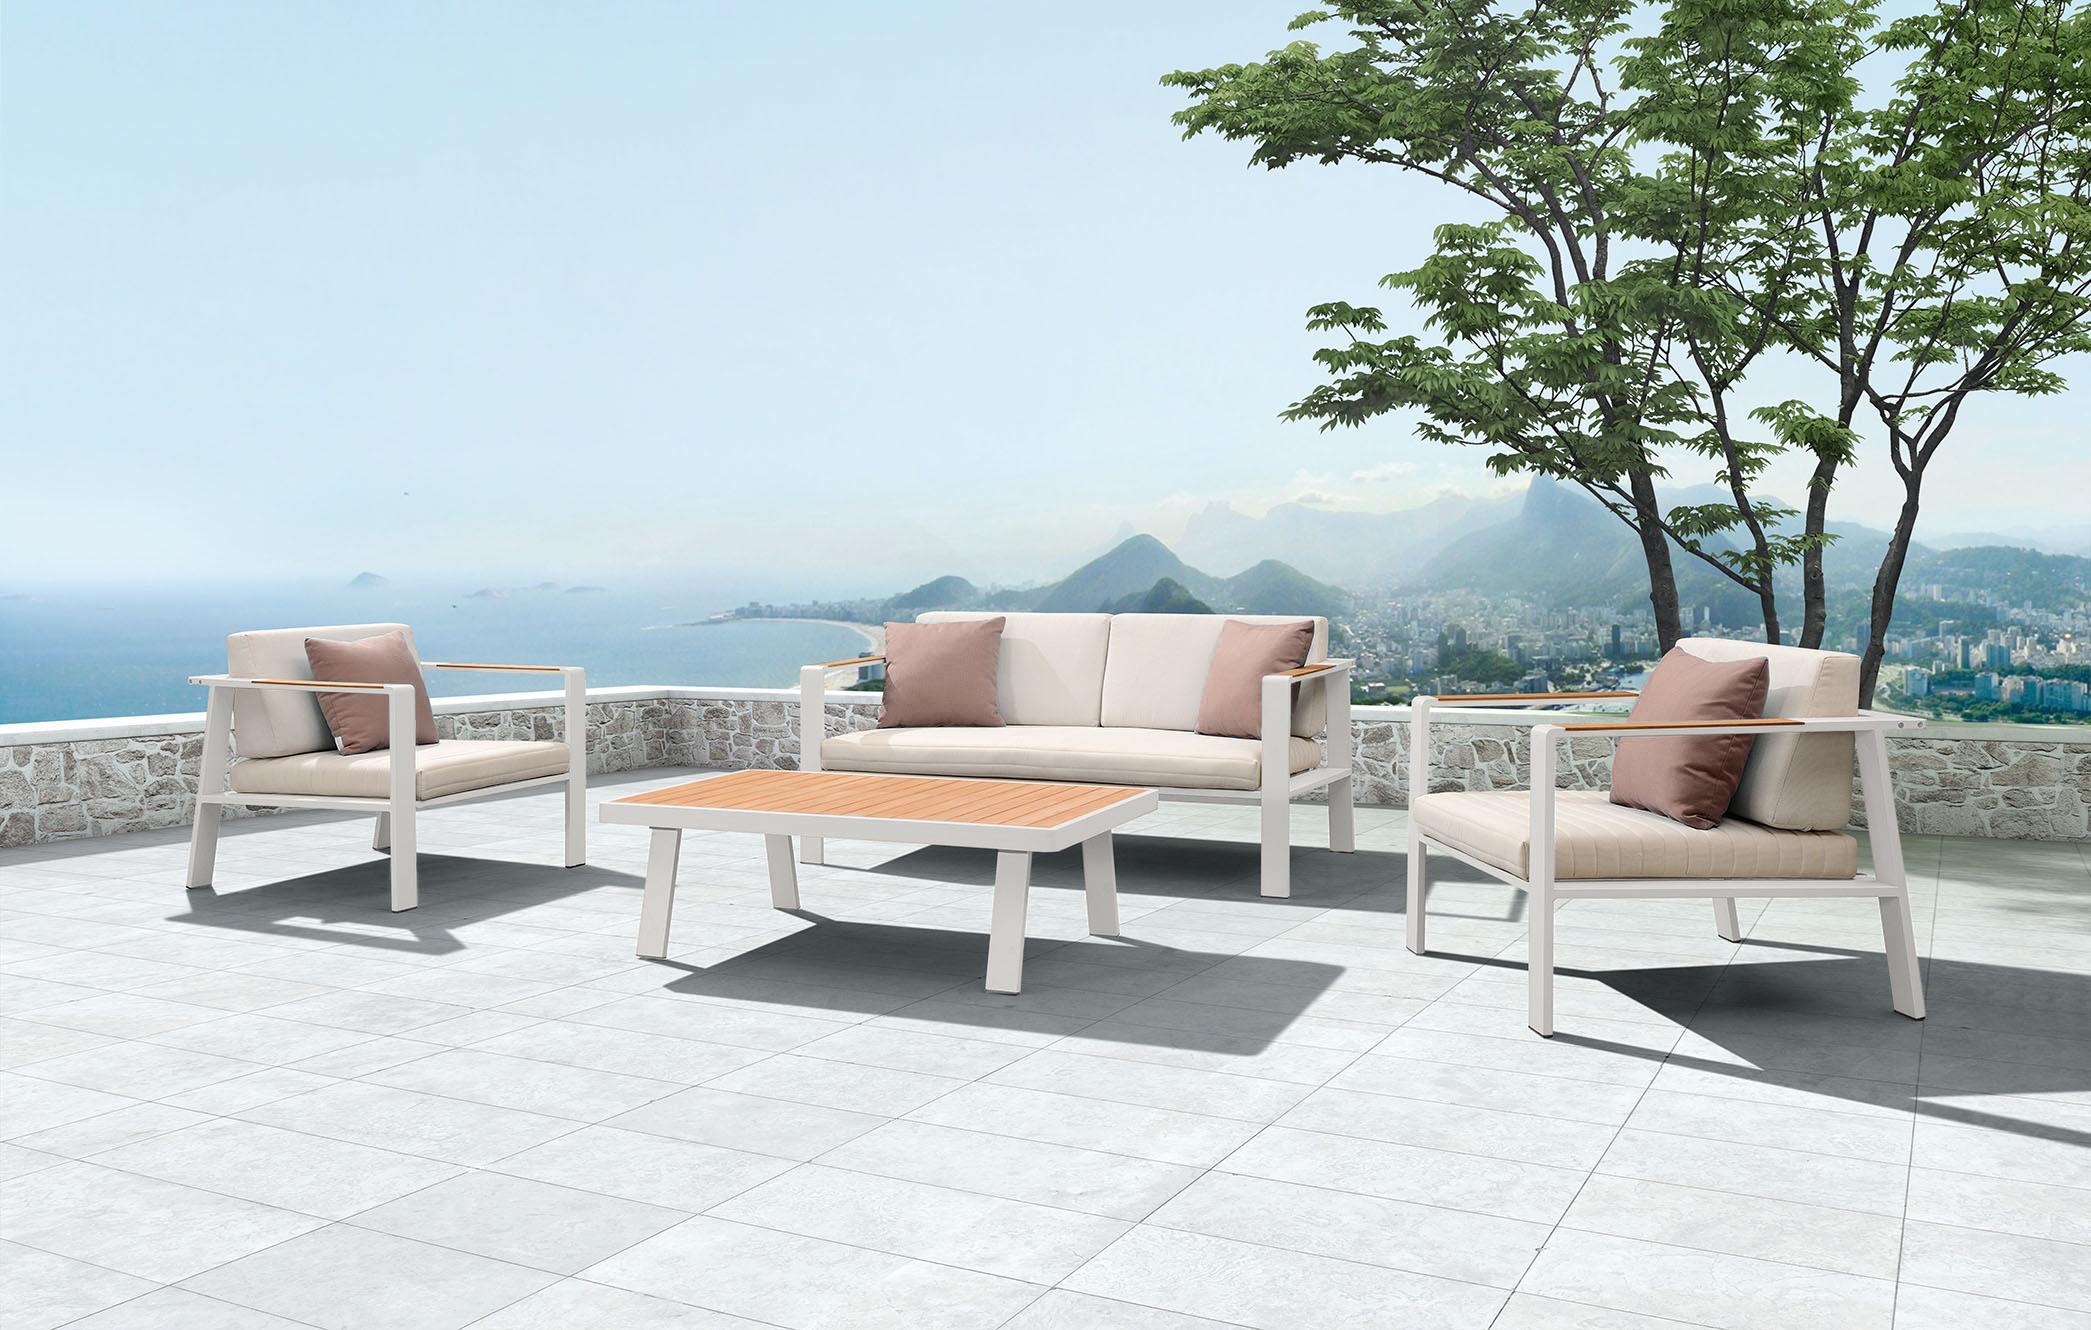 BERNSTEIN Gartenmöbel-Set Gartenlounge NOFI - 1x Zweier-Sofa, 2x Einsitzer-Sofa & 1x Loungetisch (4-teilig)